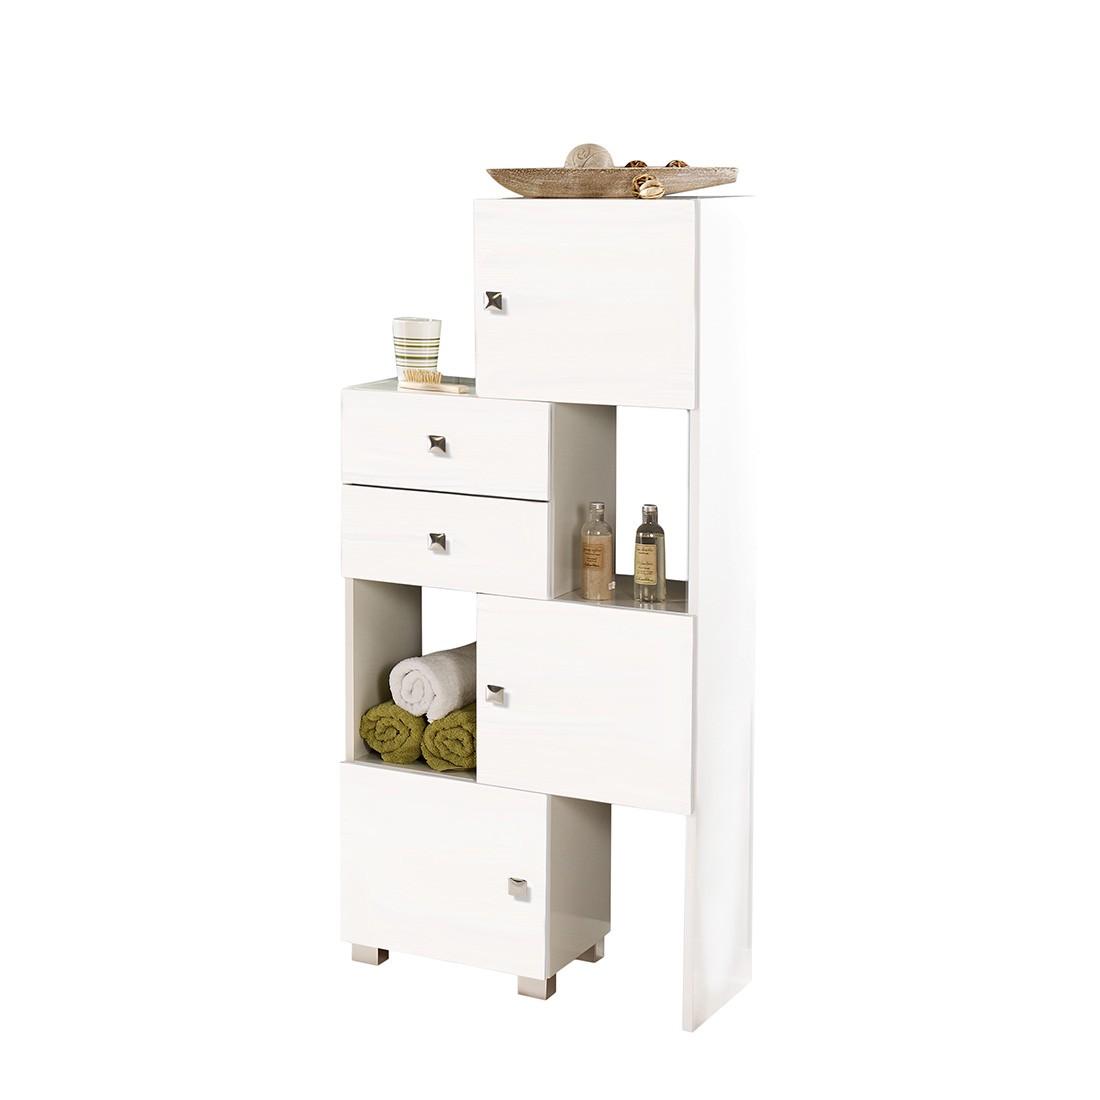 regal montreal mit vier raster weiss glanz giessbach g nstig. Black Bedroom Furniture Sets. Home Design Ideas